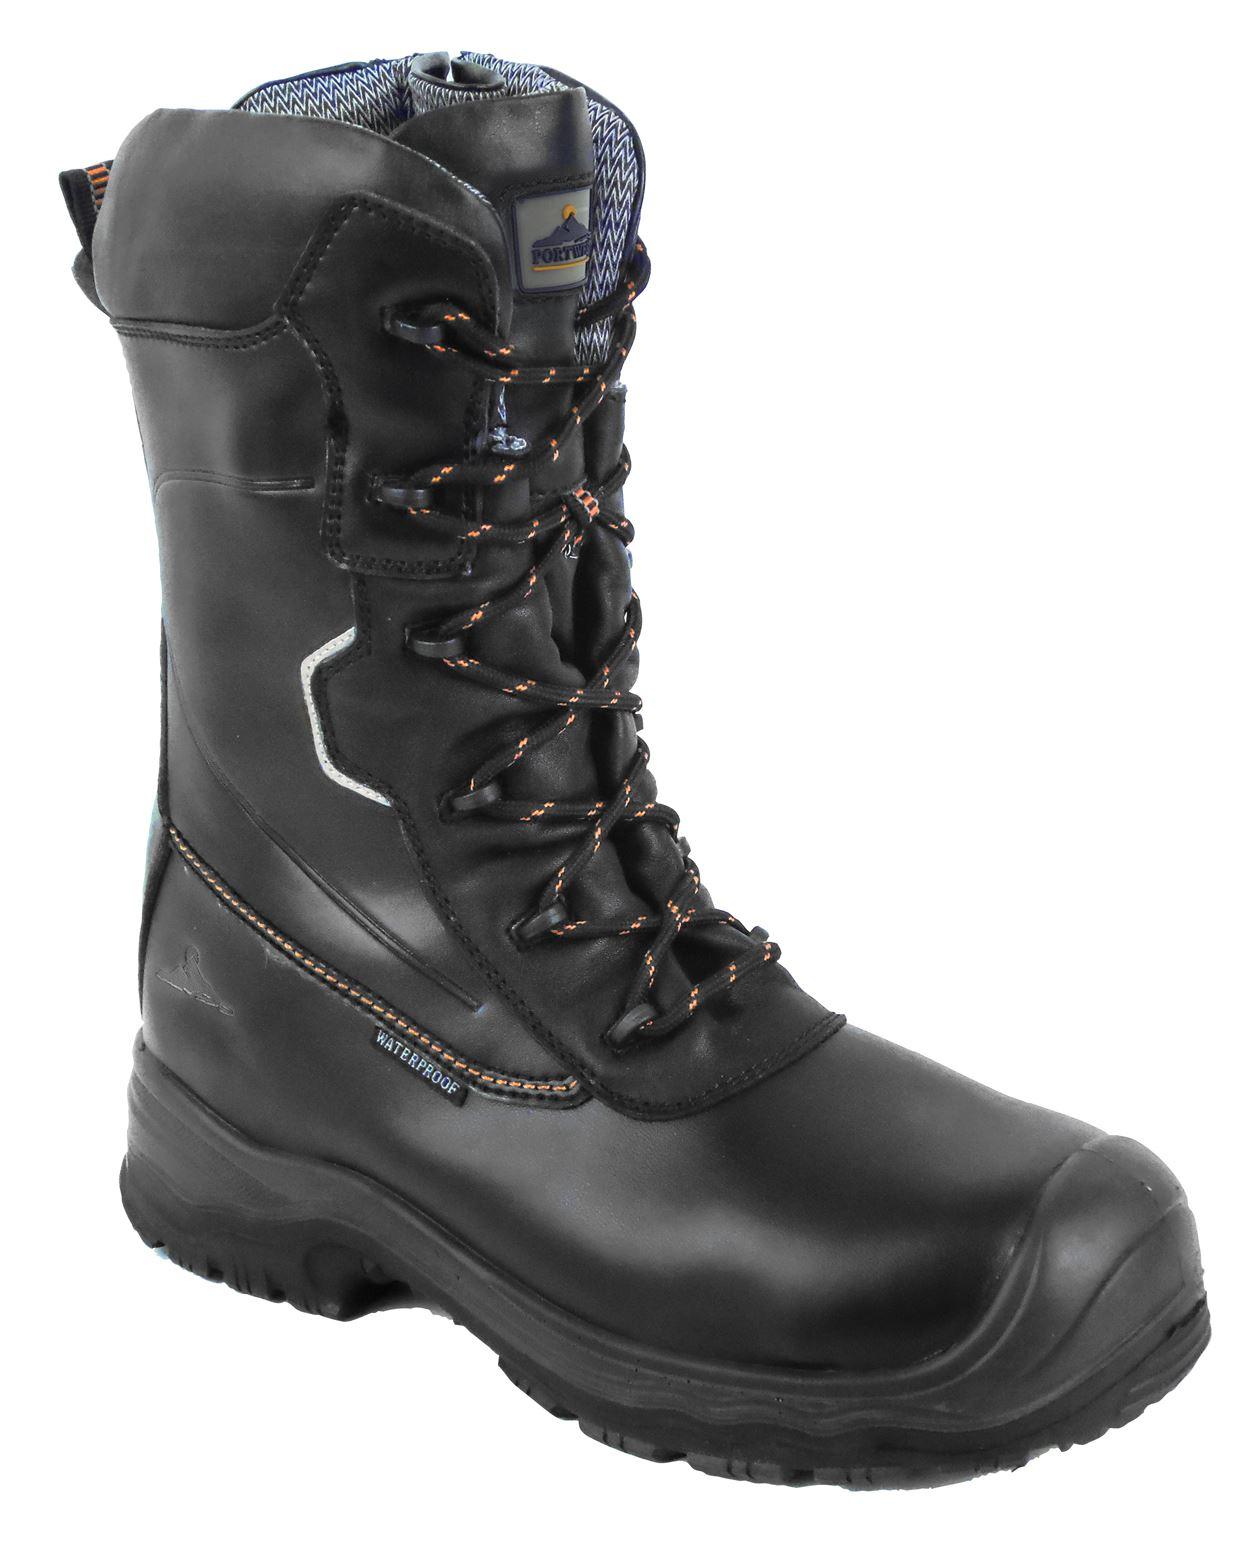 Portwest in pelle di trazione 10 Pollici Impermeabile Stivali di sicurezza antiscivolo 5-13 fd01